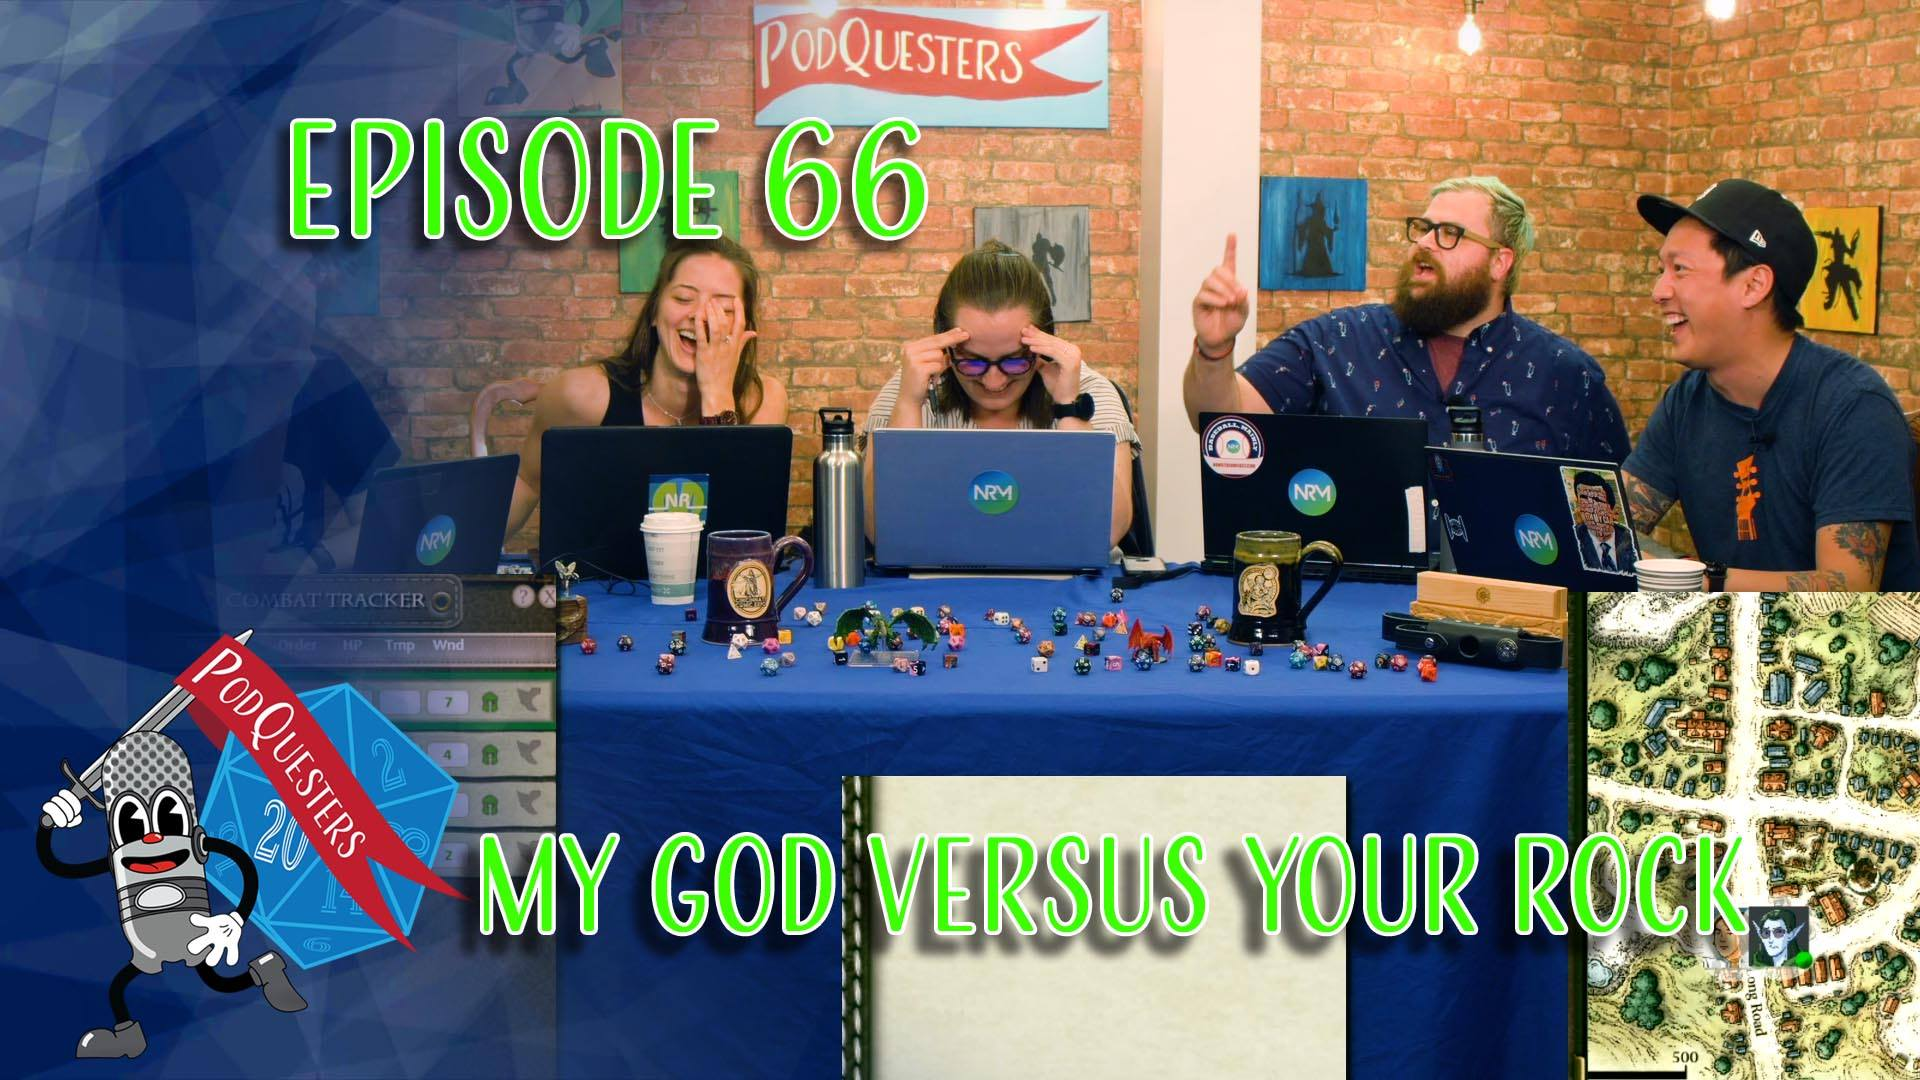 Podquesters - Episode 66: My God Versus Your Rock